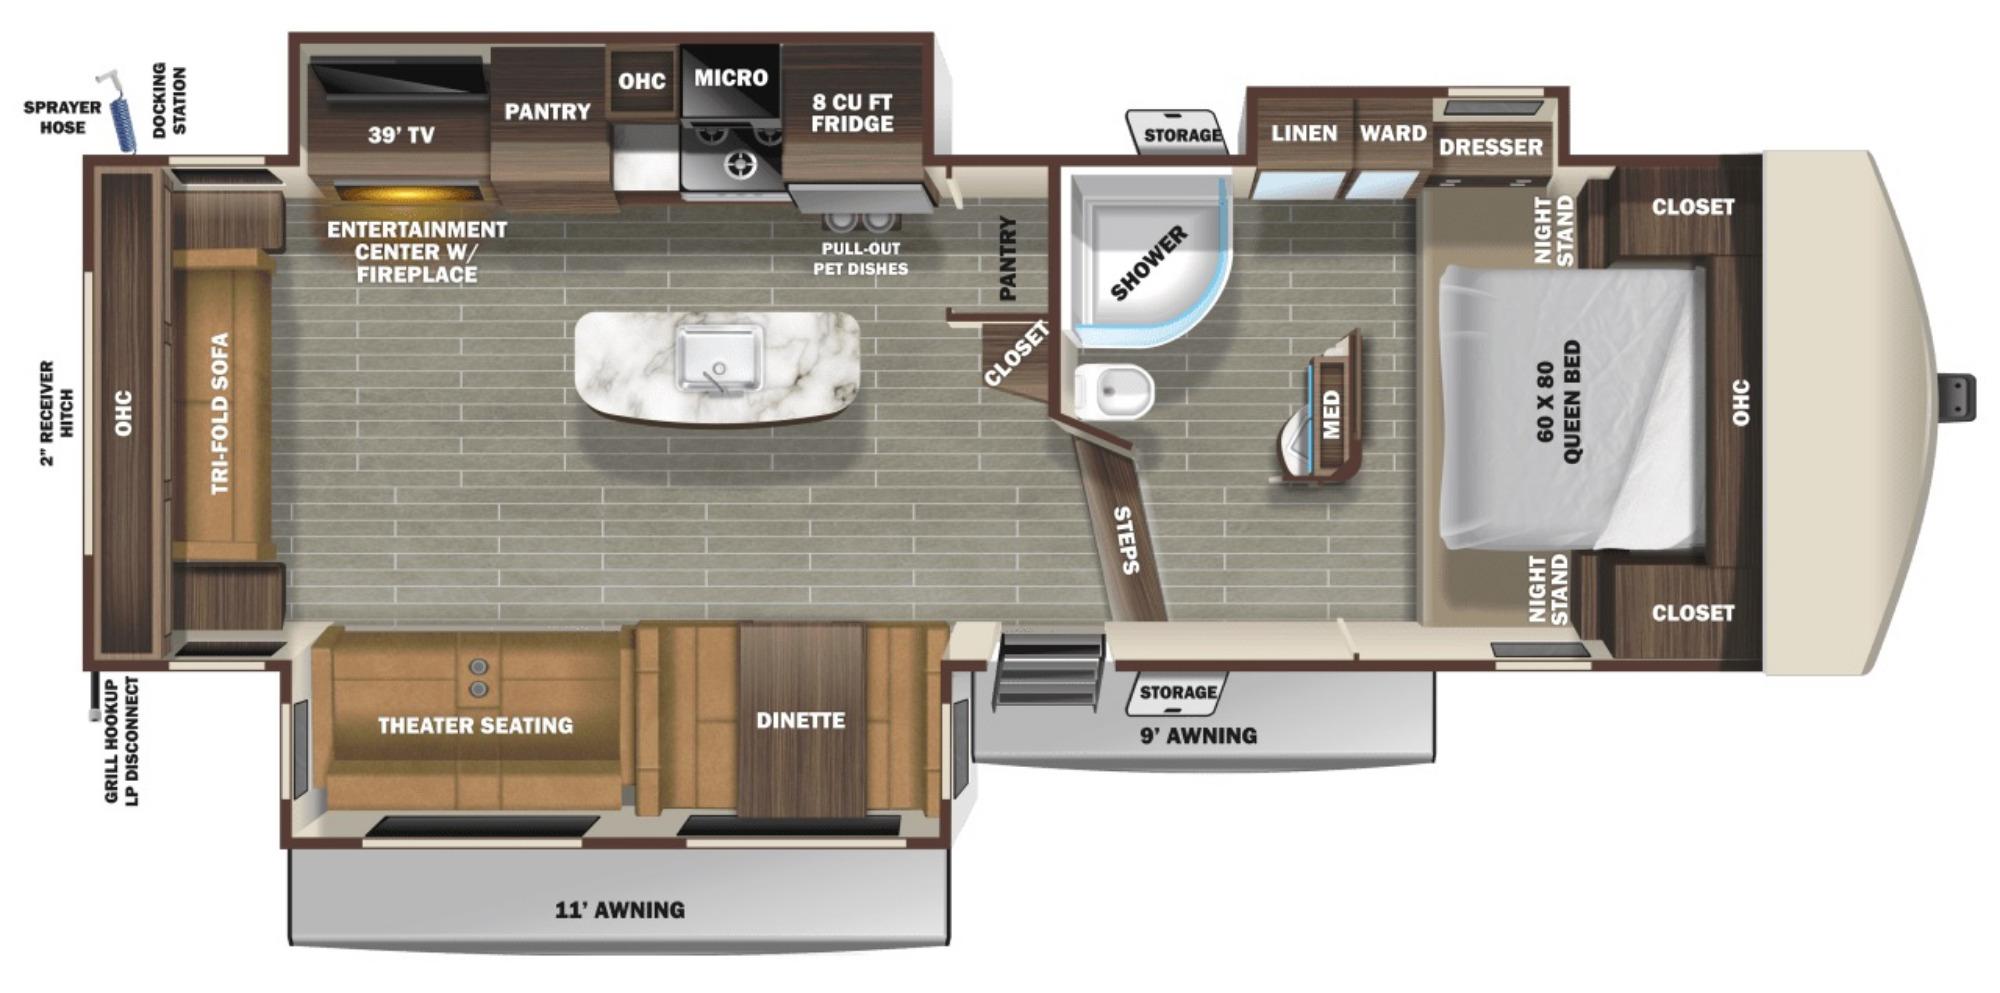 View Floor Plan for 2021 STARCRAFT TELLURIDE 292RLS